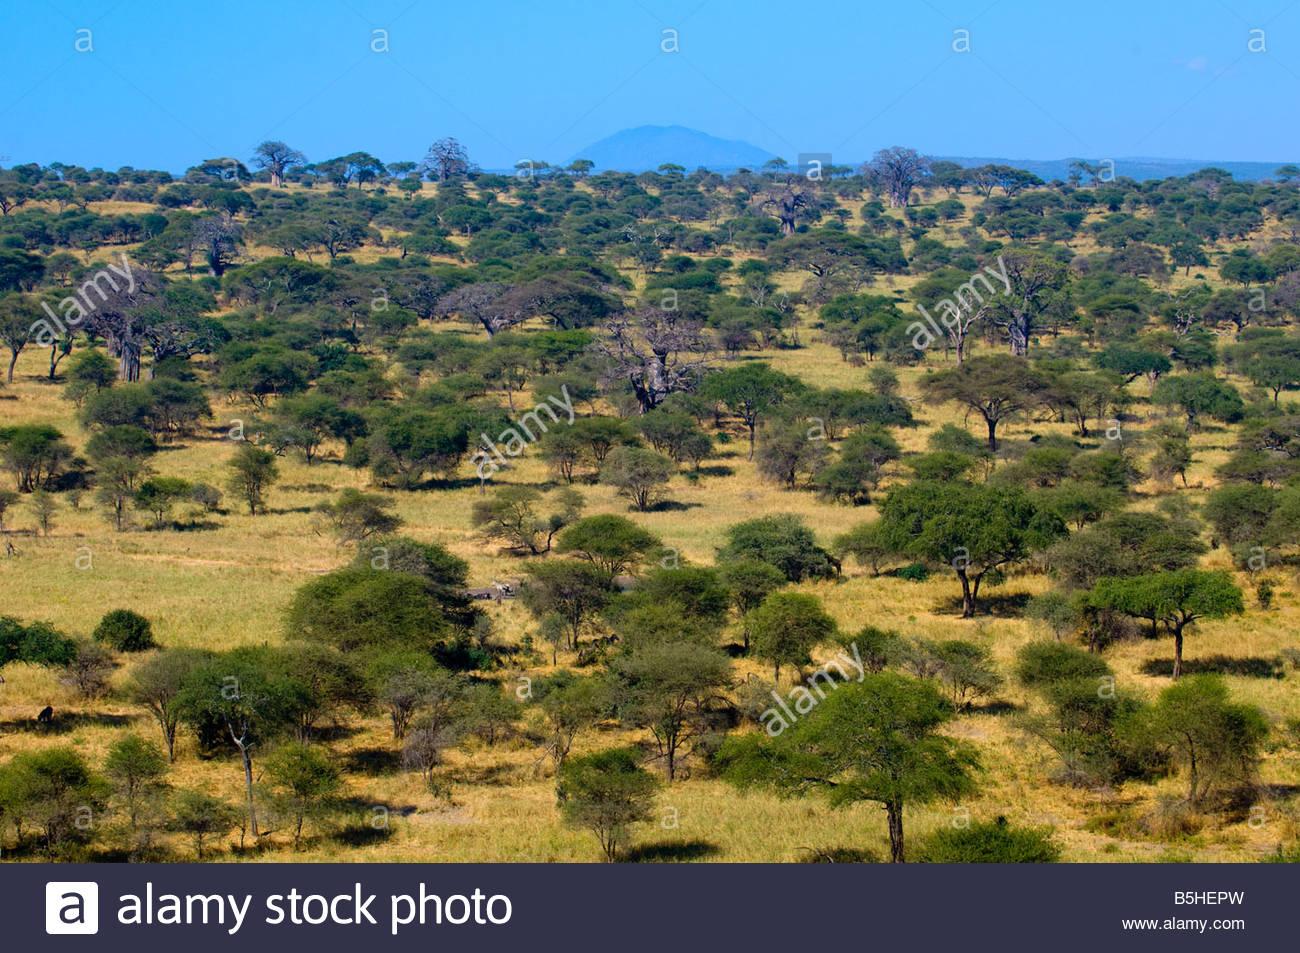 Tarangire National Park Tanzania - Stock Image